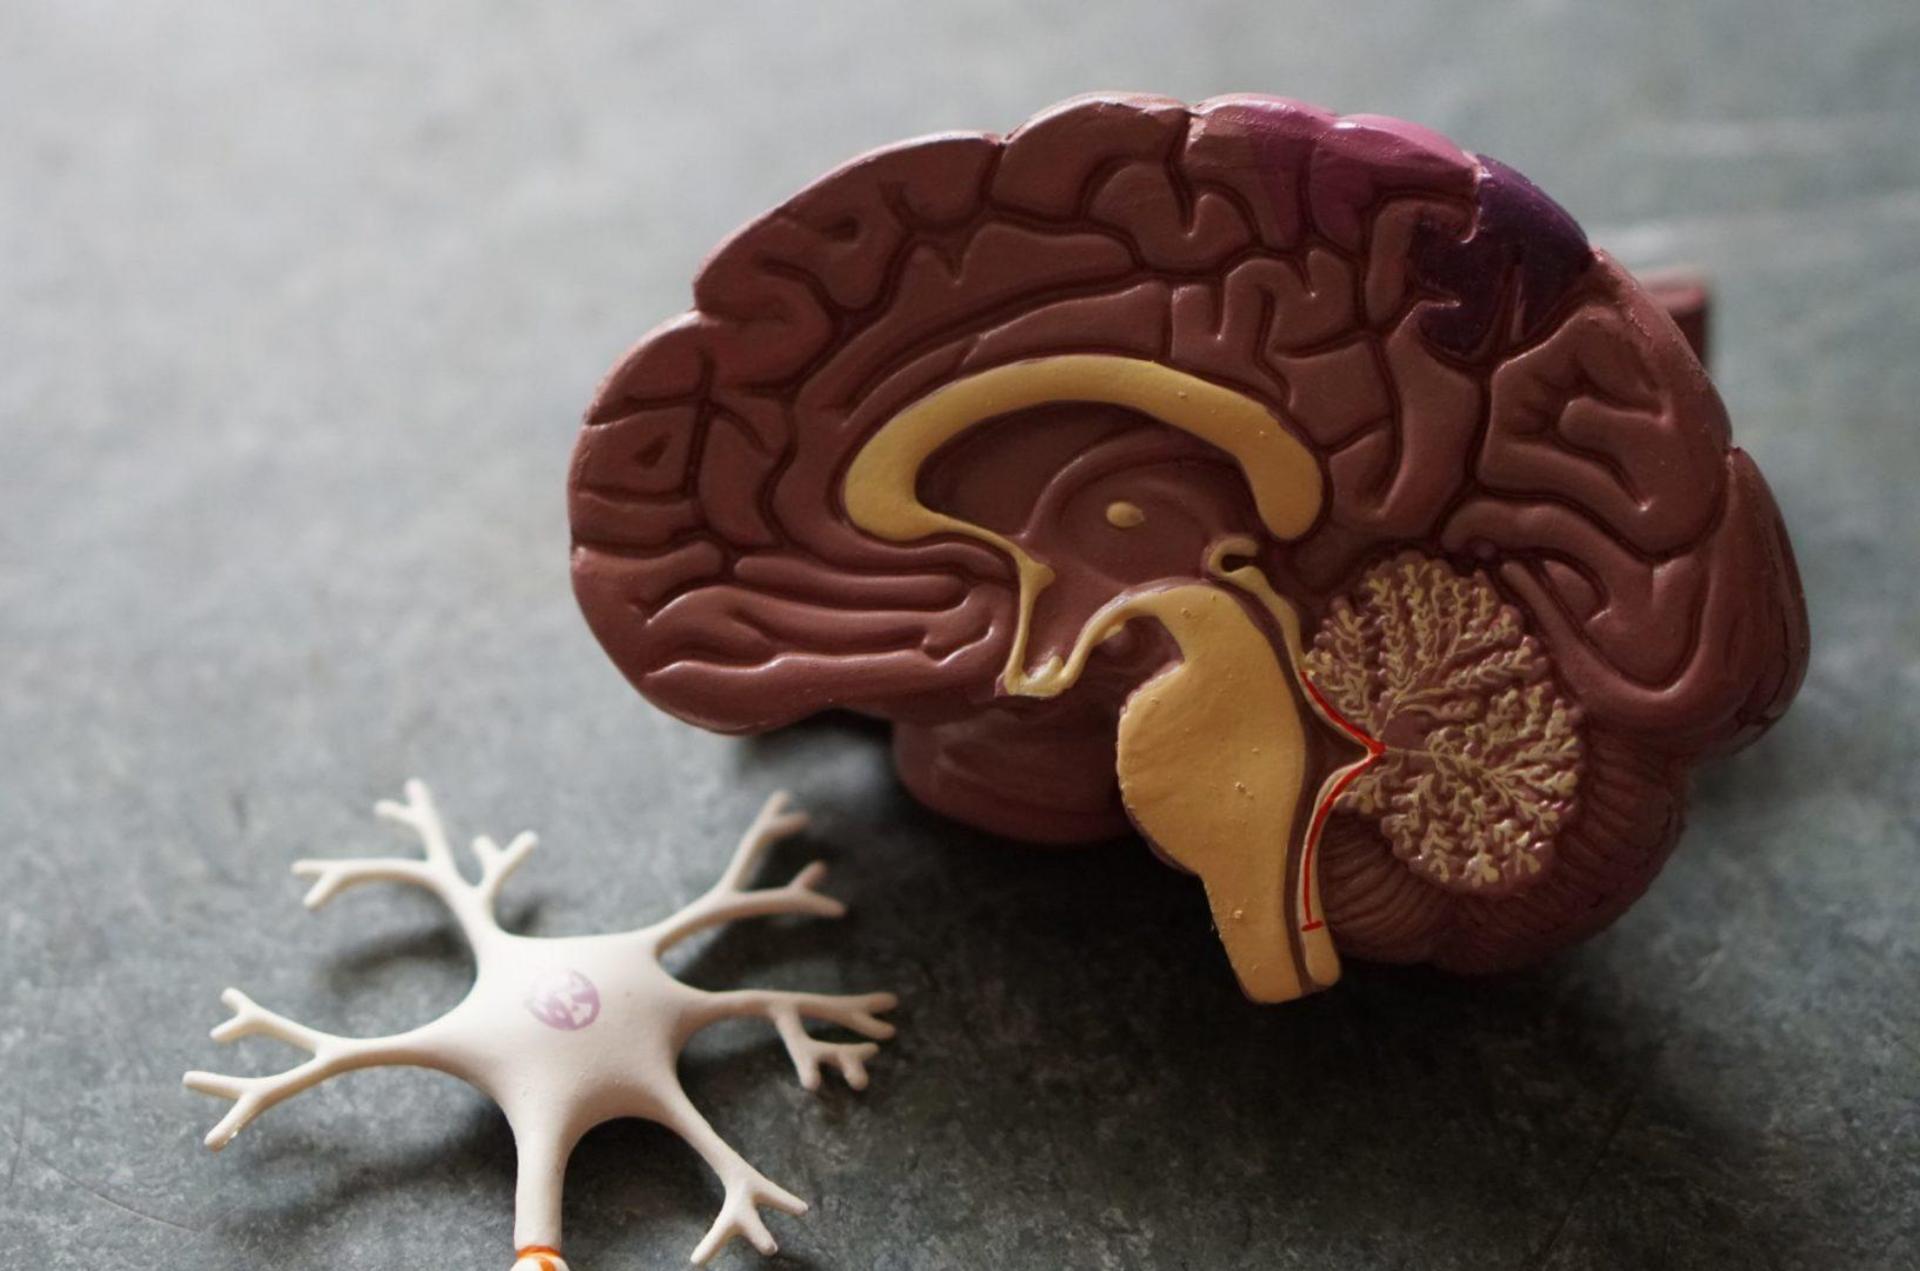 Las drogas perjudican el sistema nervioso